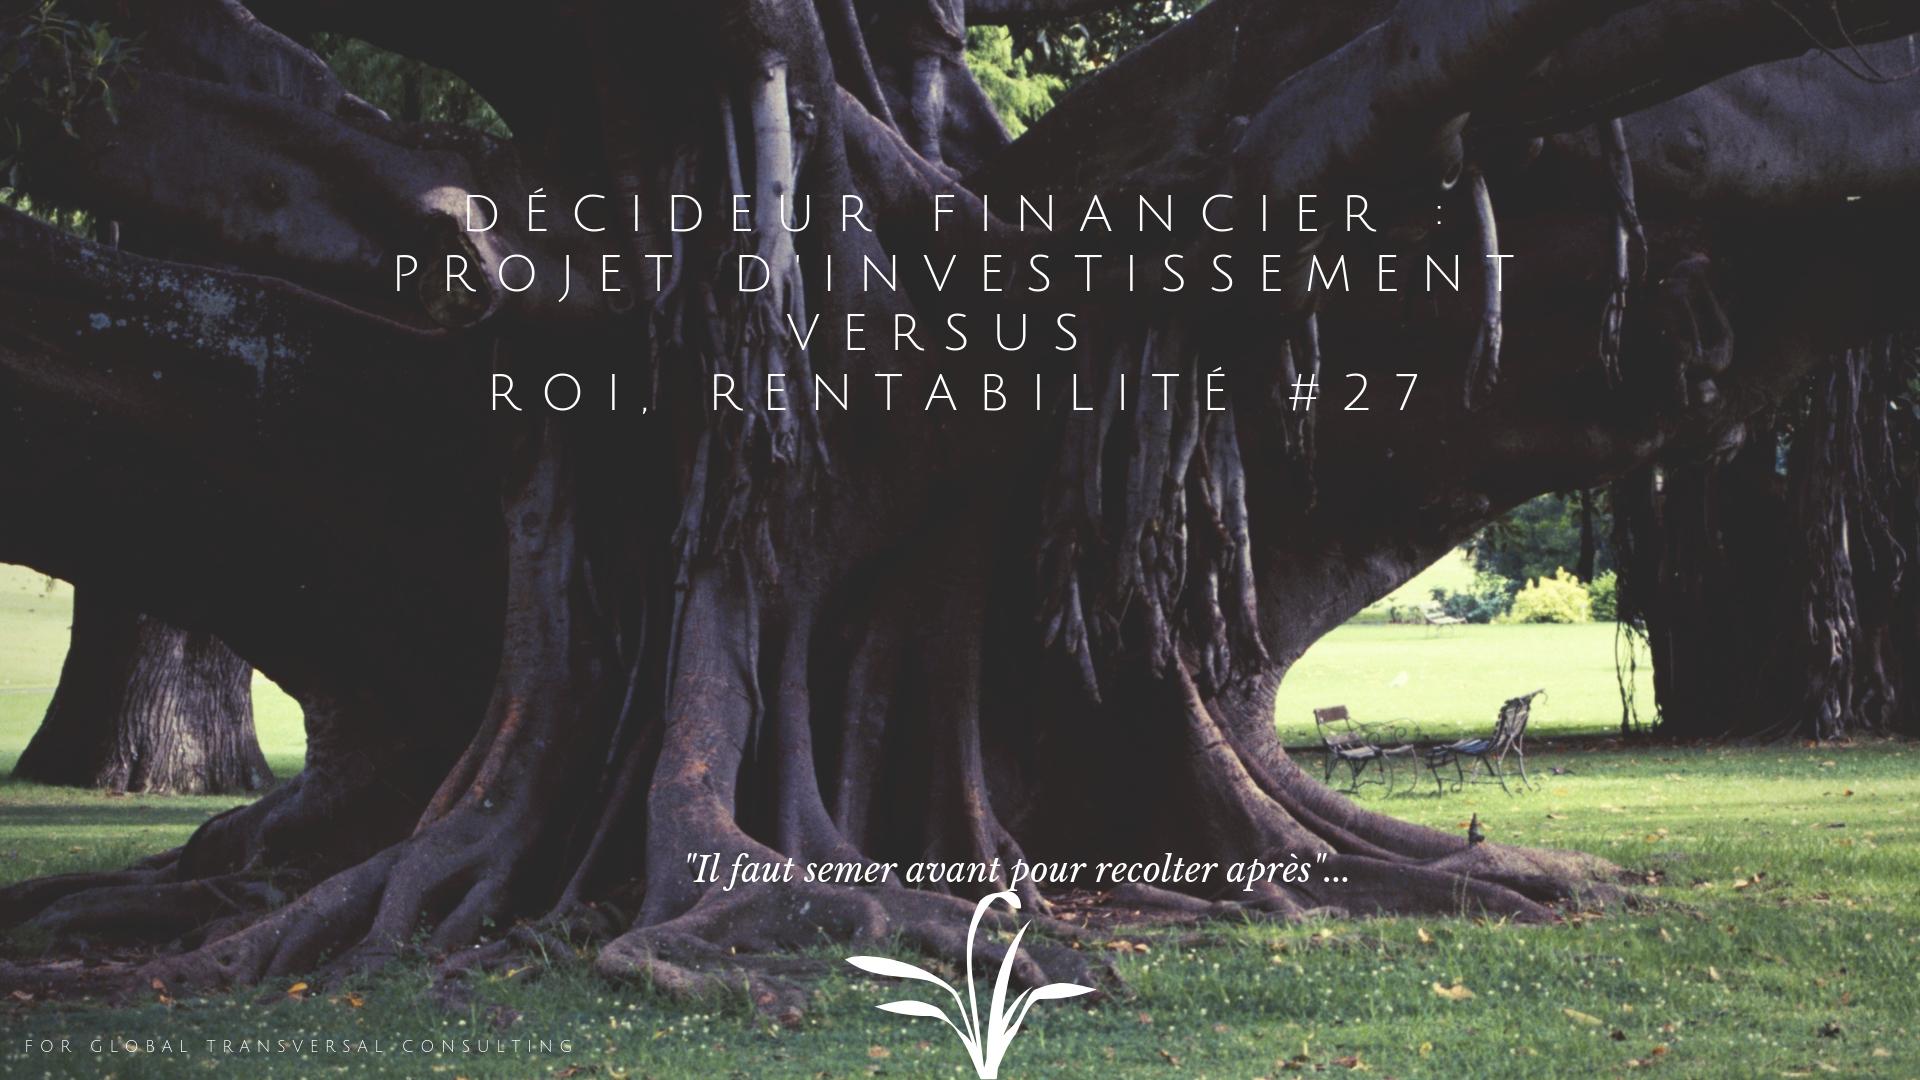 Décideur Financier : Projet d'investissement versus roi, rentabilité #27